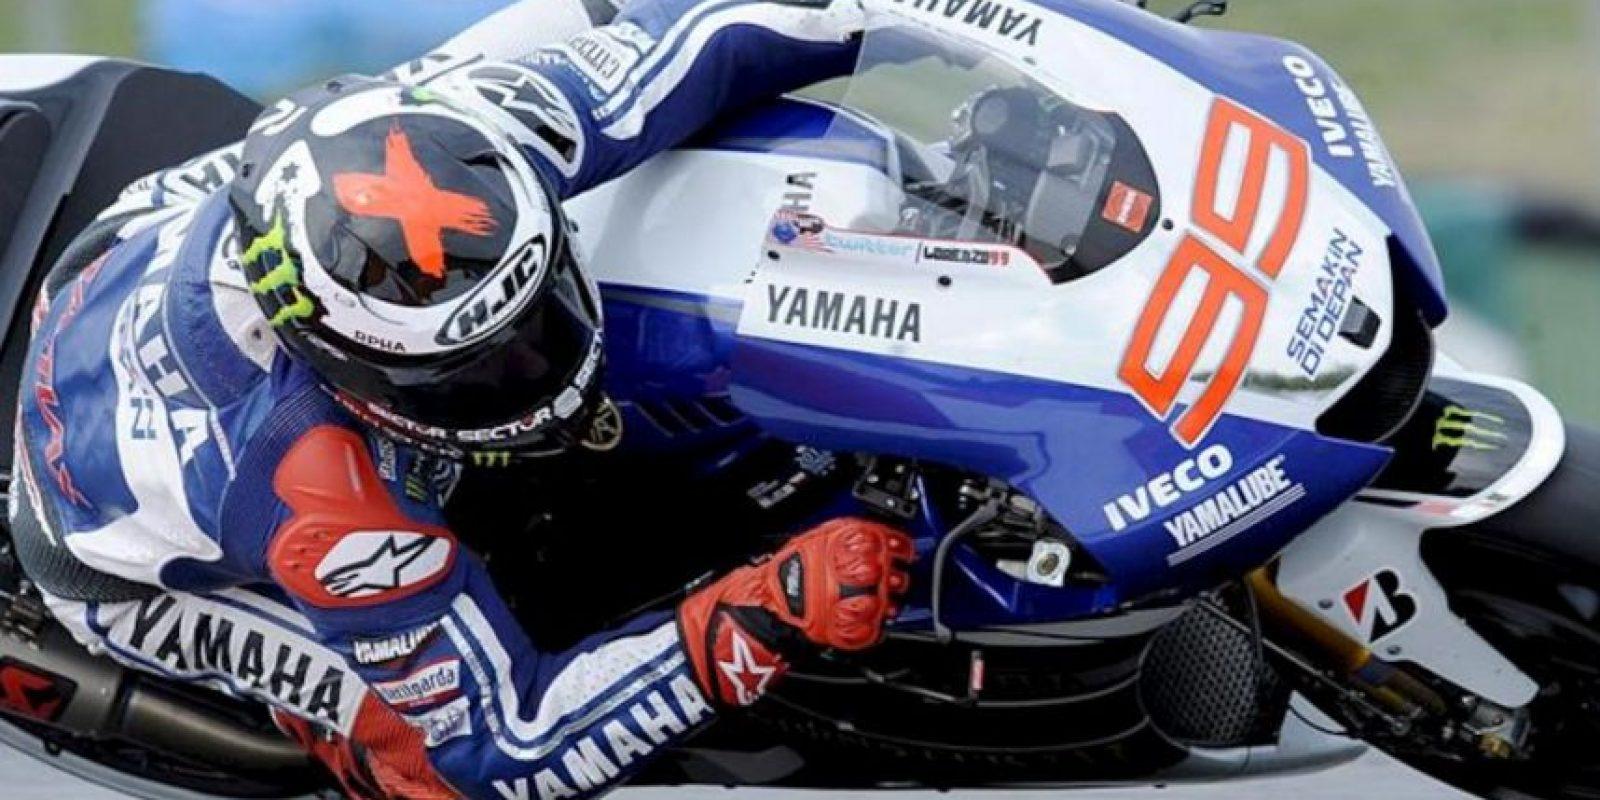 El piloto español Jorge Lorenzo, hoy durante los últimos entrenamientos del Gran Premio de la República Checa, en Brno. EFE